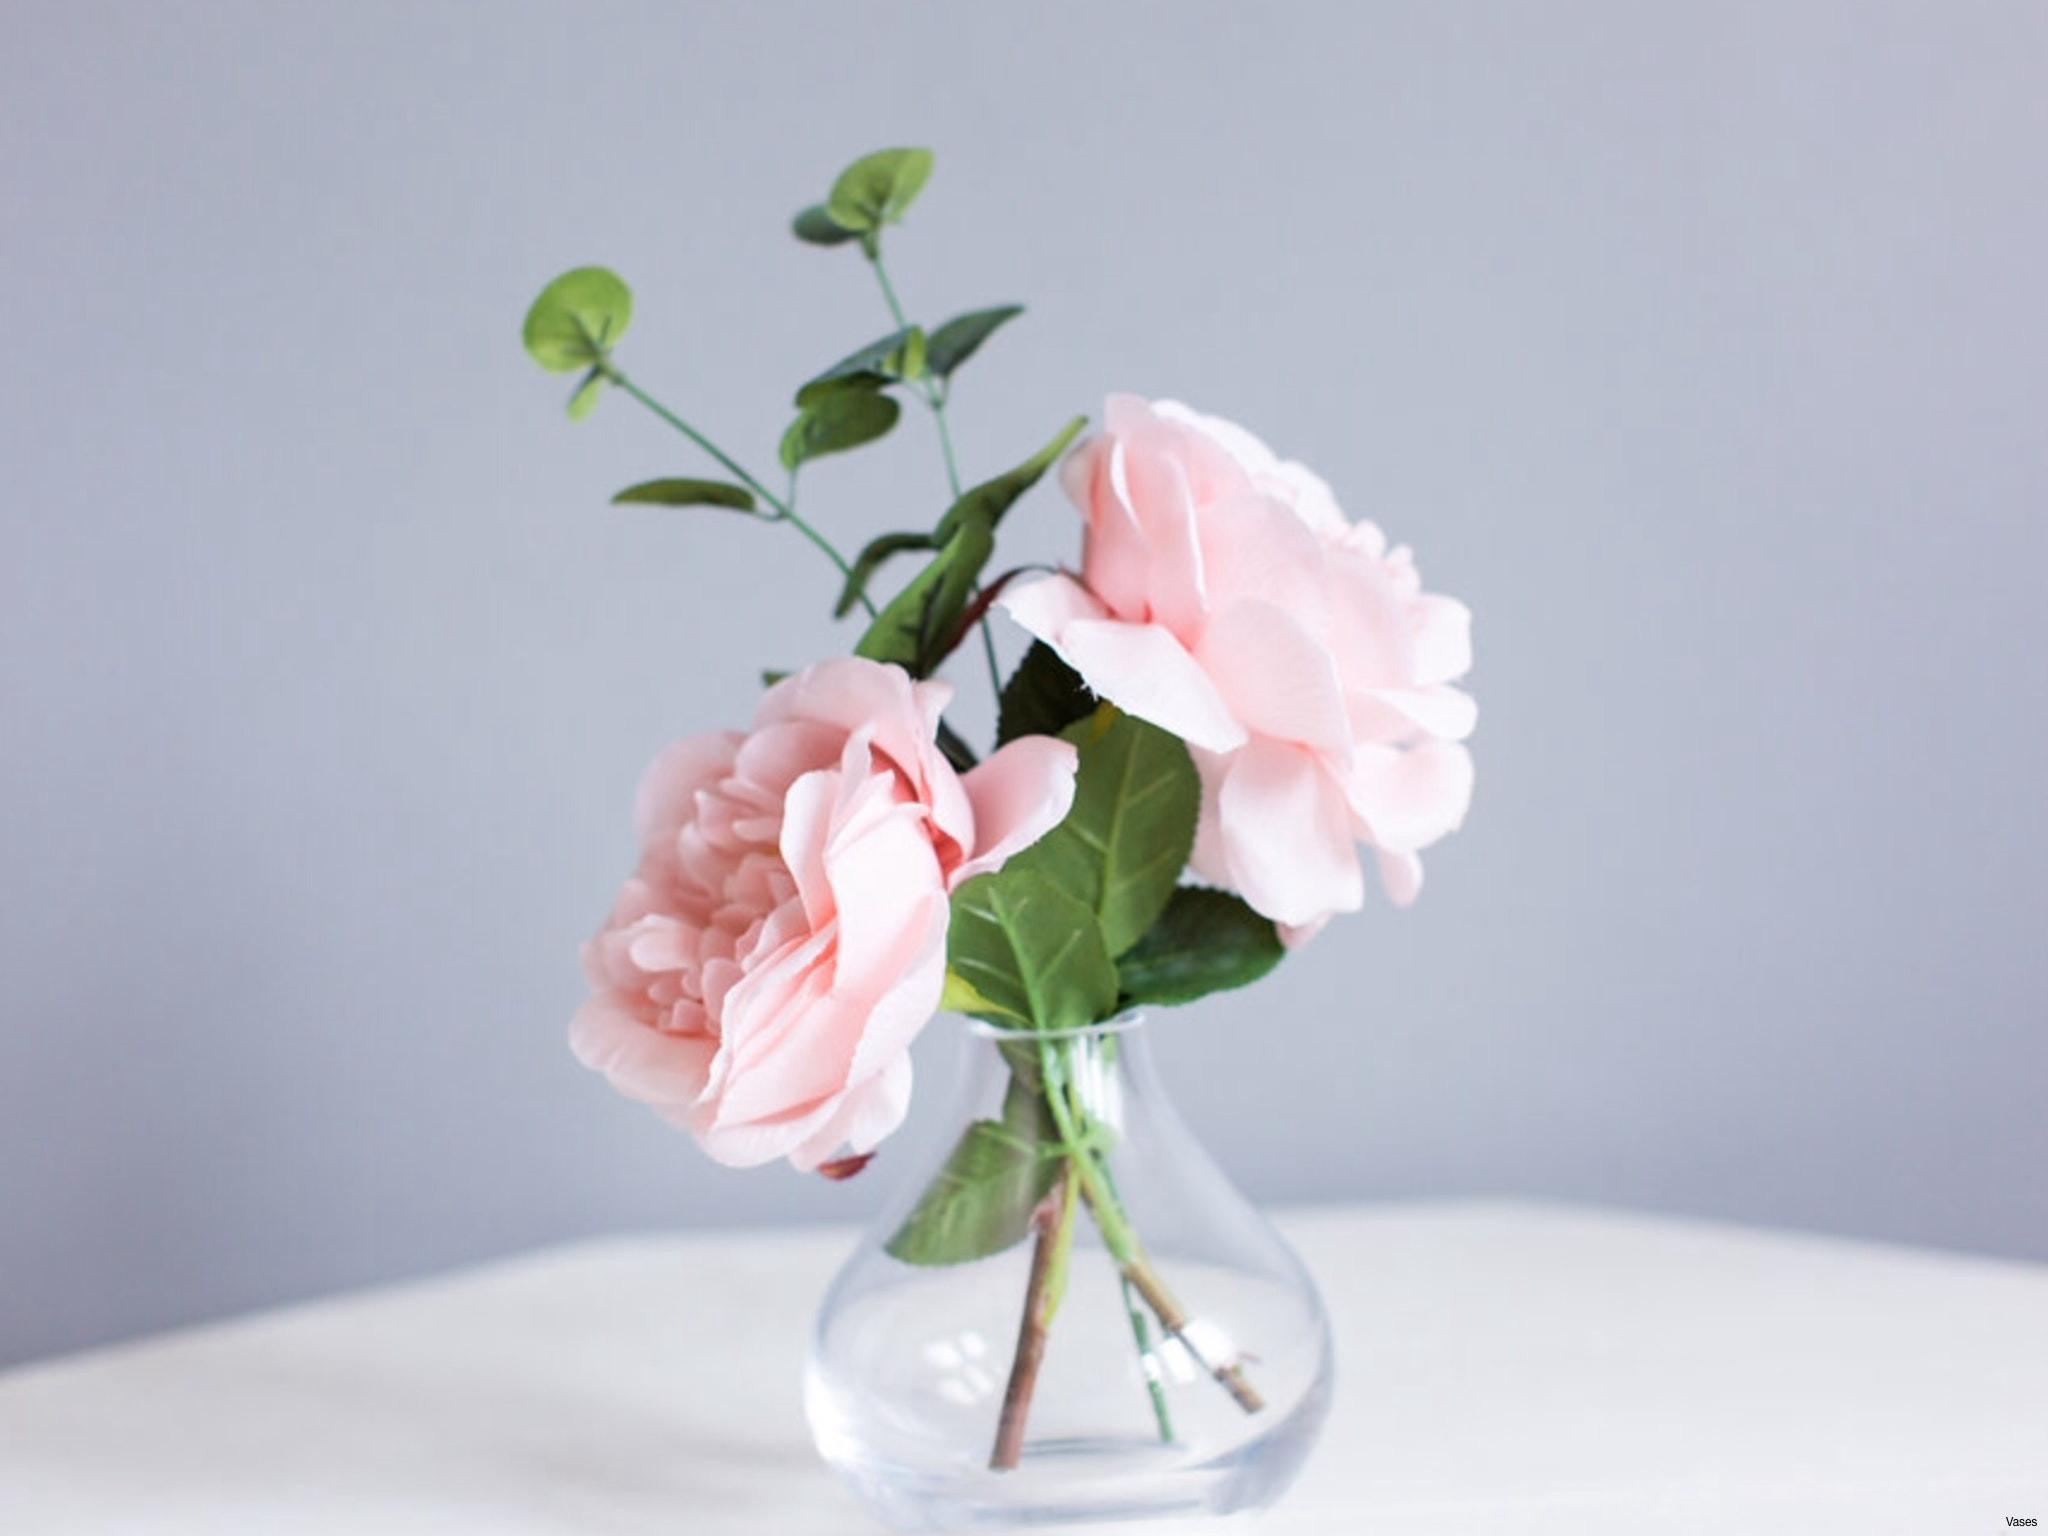 16 glass vase of 10 fresh colored glass bud vases bogekompresorturkiye com within h vases bud vase flower arrangements i 0d for inspiration design design ideas vases and